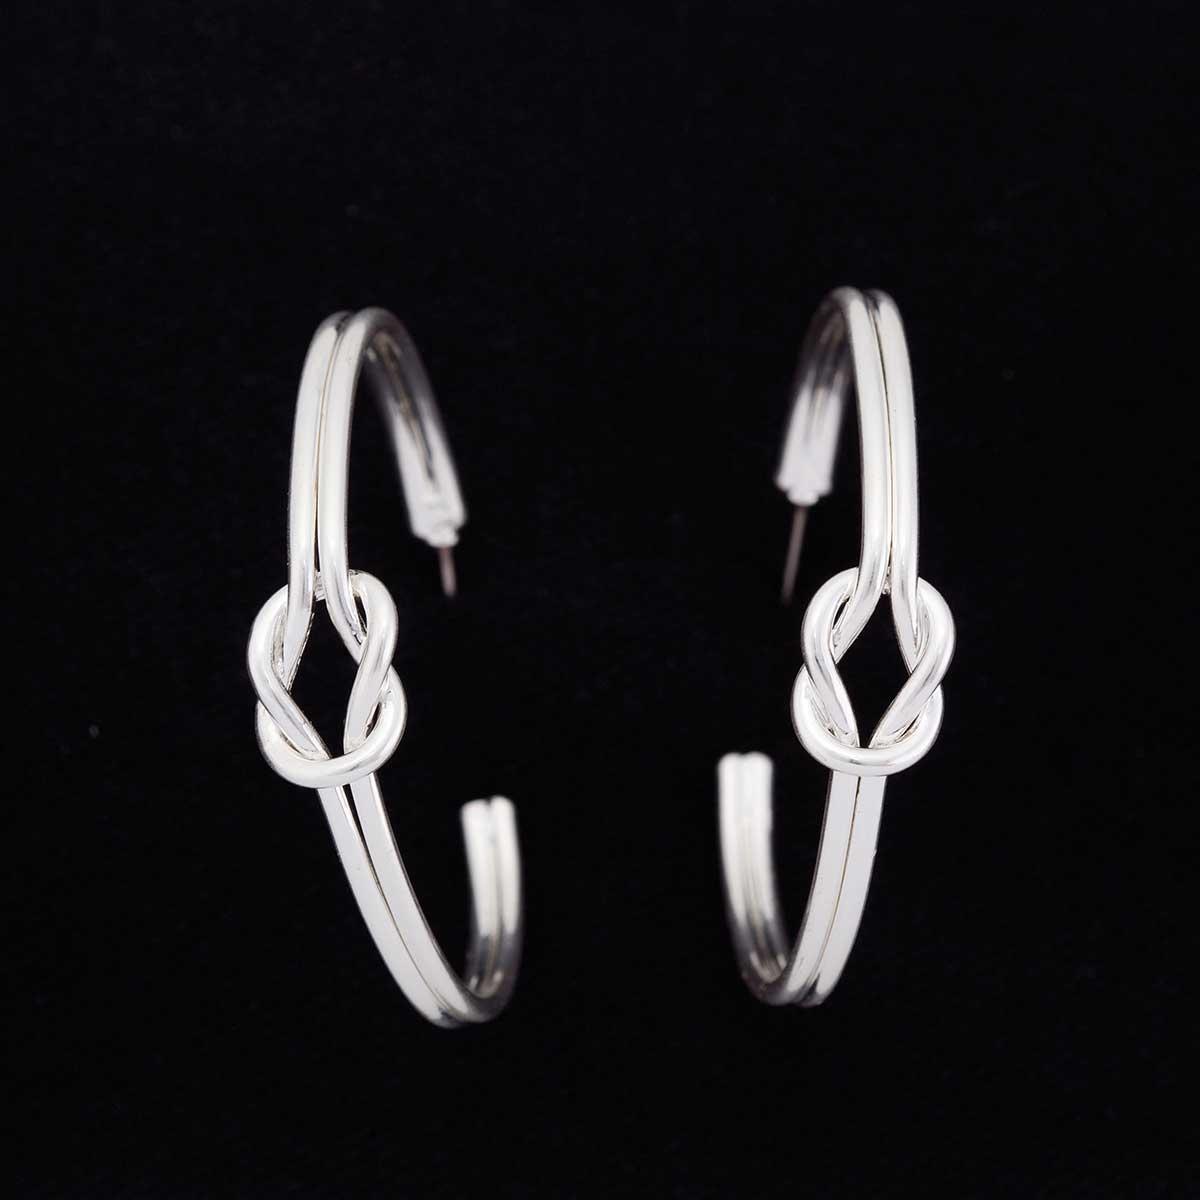 """Silver 1.5""""x1.5""""Love Knot Post Earrings"""